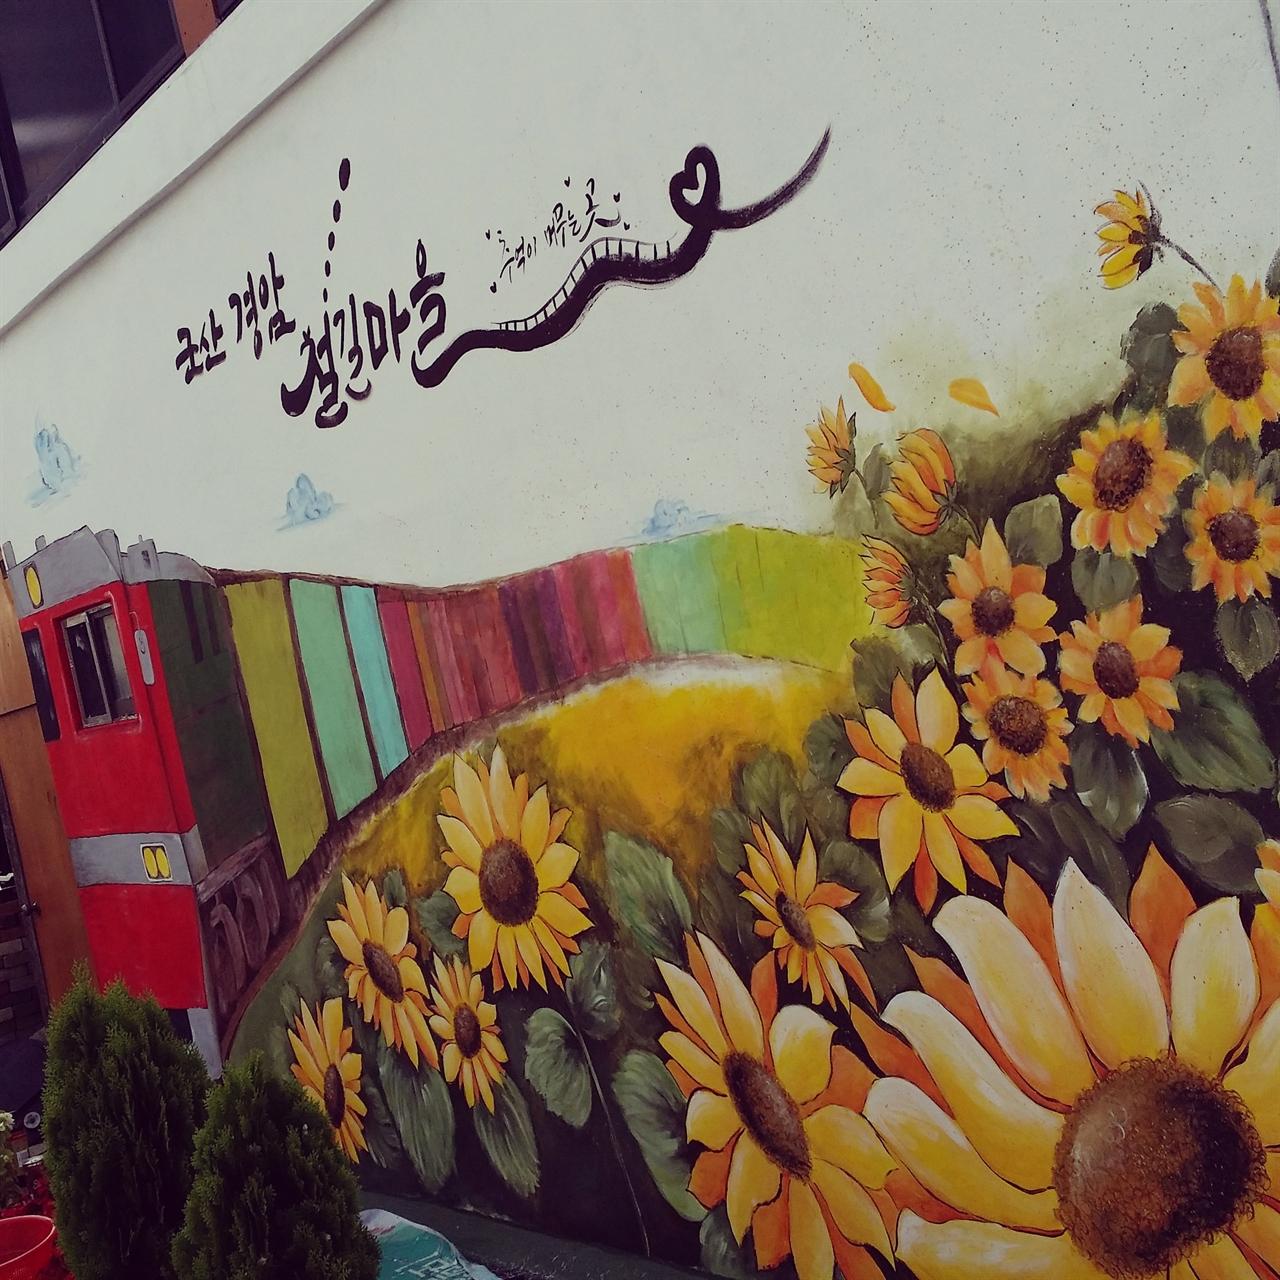 군산 경암동 철길마을 벽화 실제 집 창문을 활용해 기차를 달리는 듯한 모습을 연출한 벽화